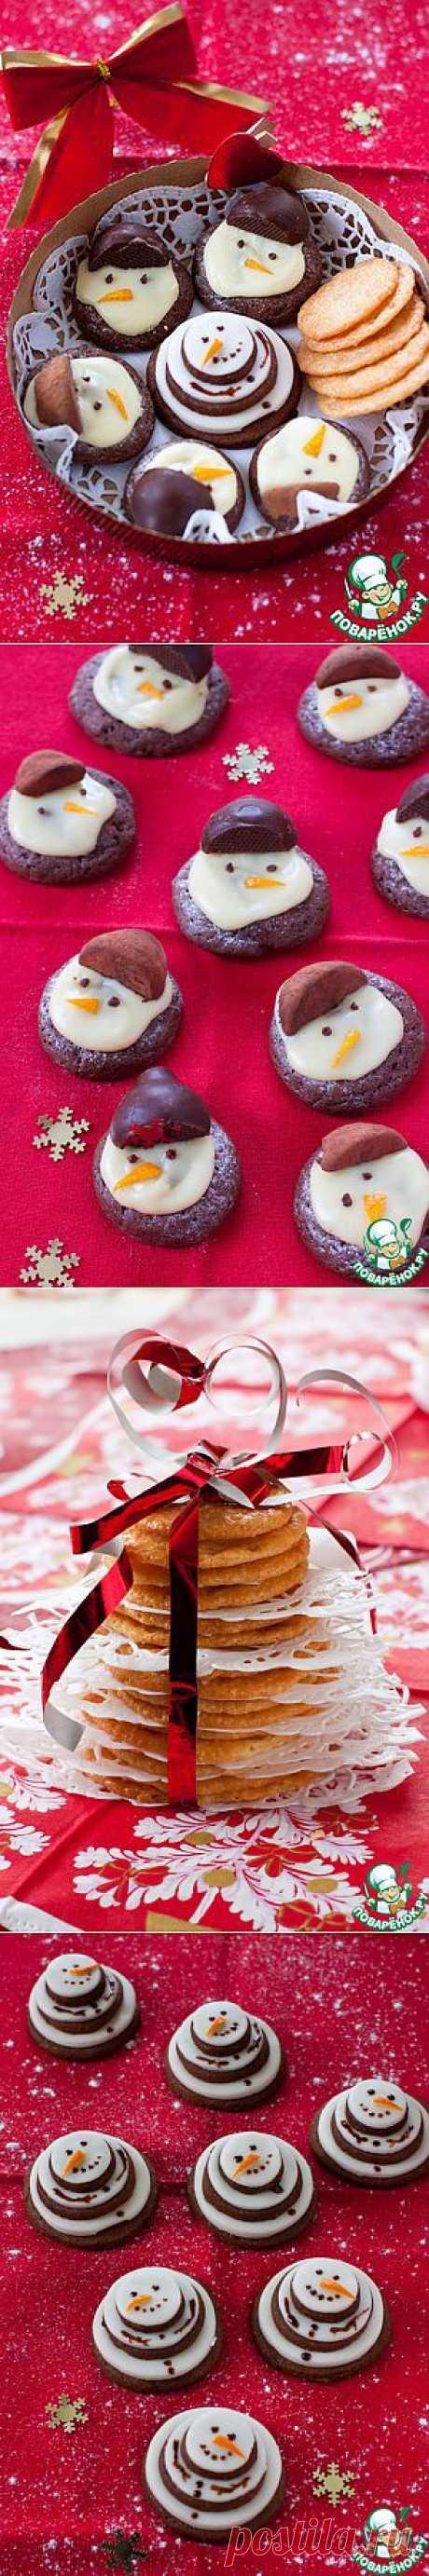 Три идеи для подарка. Новогодняя выпечка - кулинарный рецепт